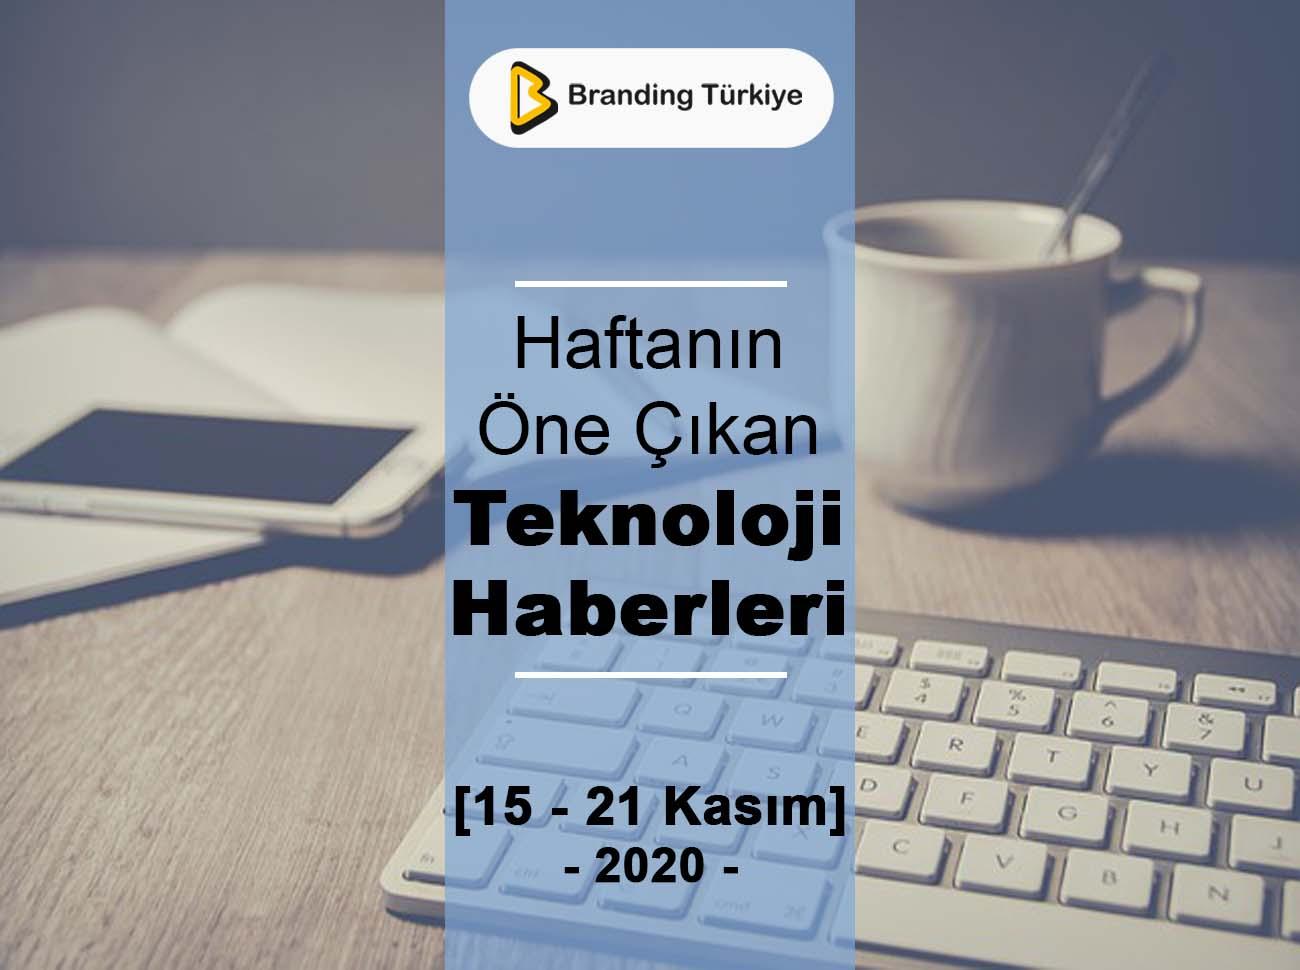 Teknoloji Haberleri (15 - 21 Kasım 2020)